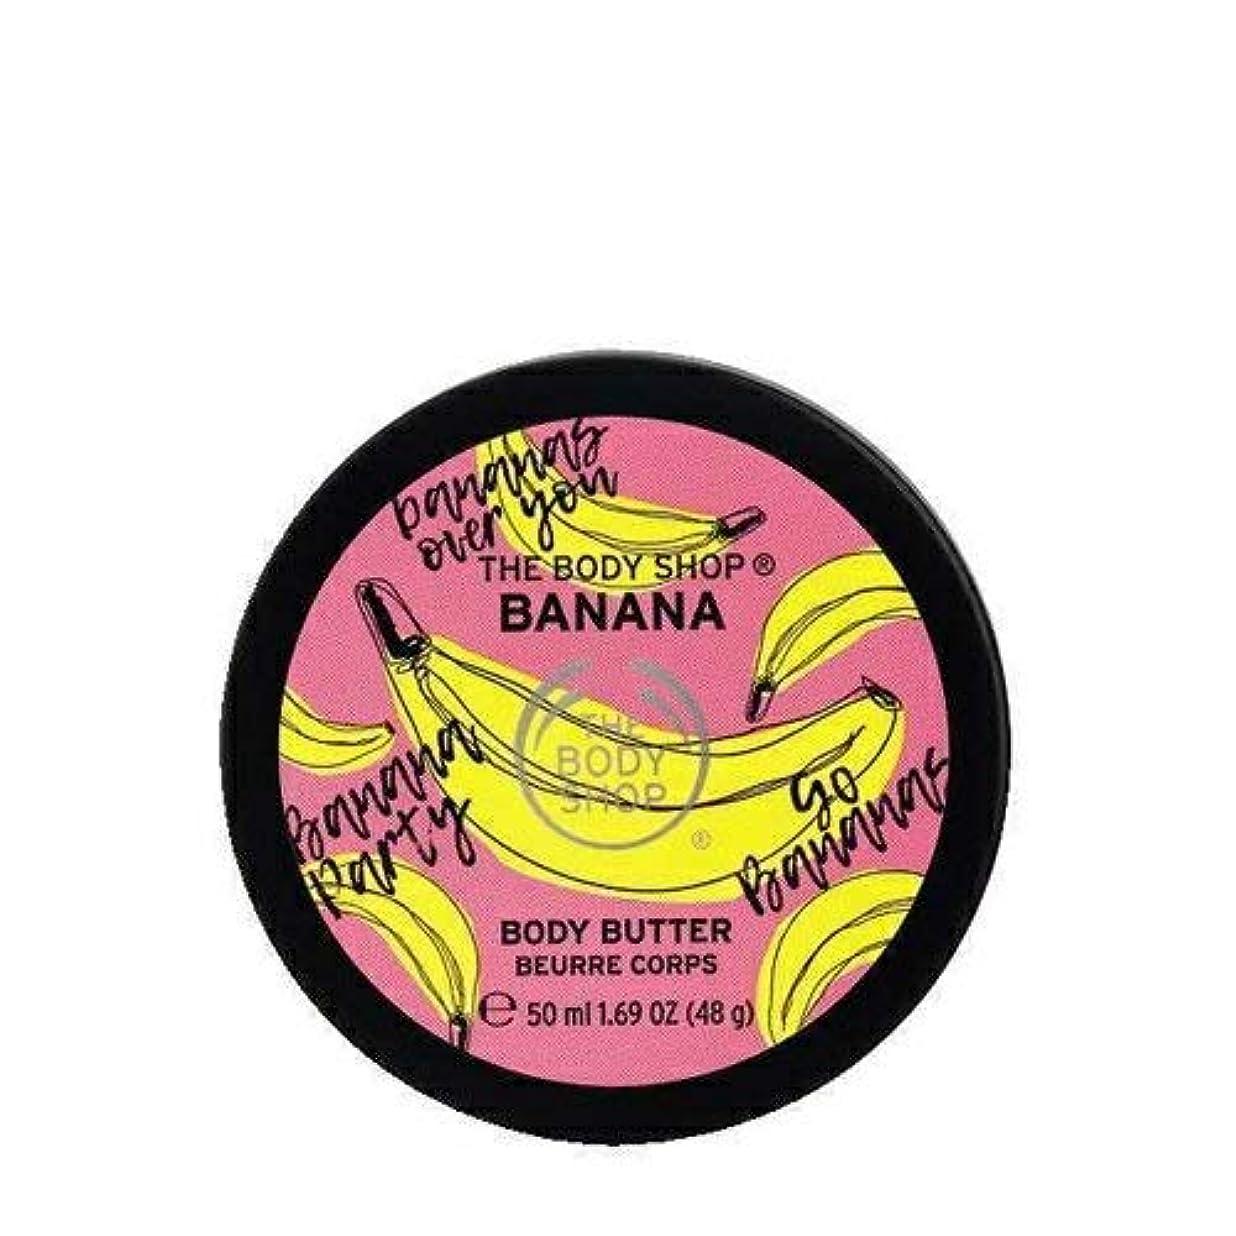 繊毛ネックレス課税ザ?ボディショップ ボディバター バナナ 50ml THE BODY SHOP BANANA BODY BUTTER [3311] [並行輸入品]